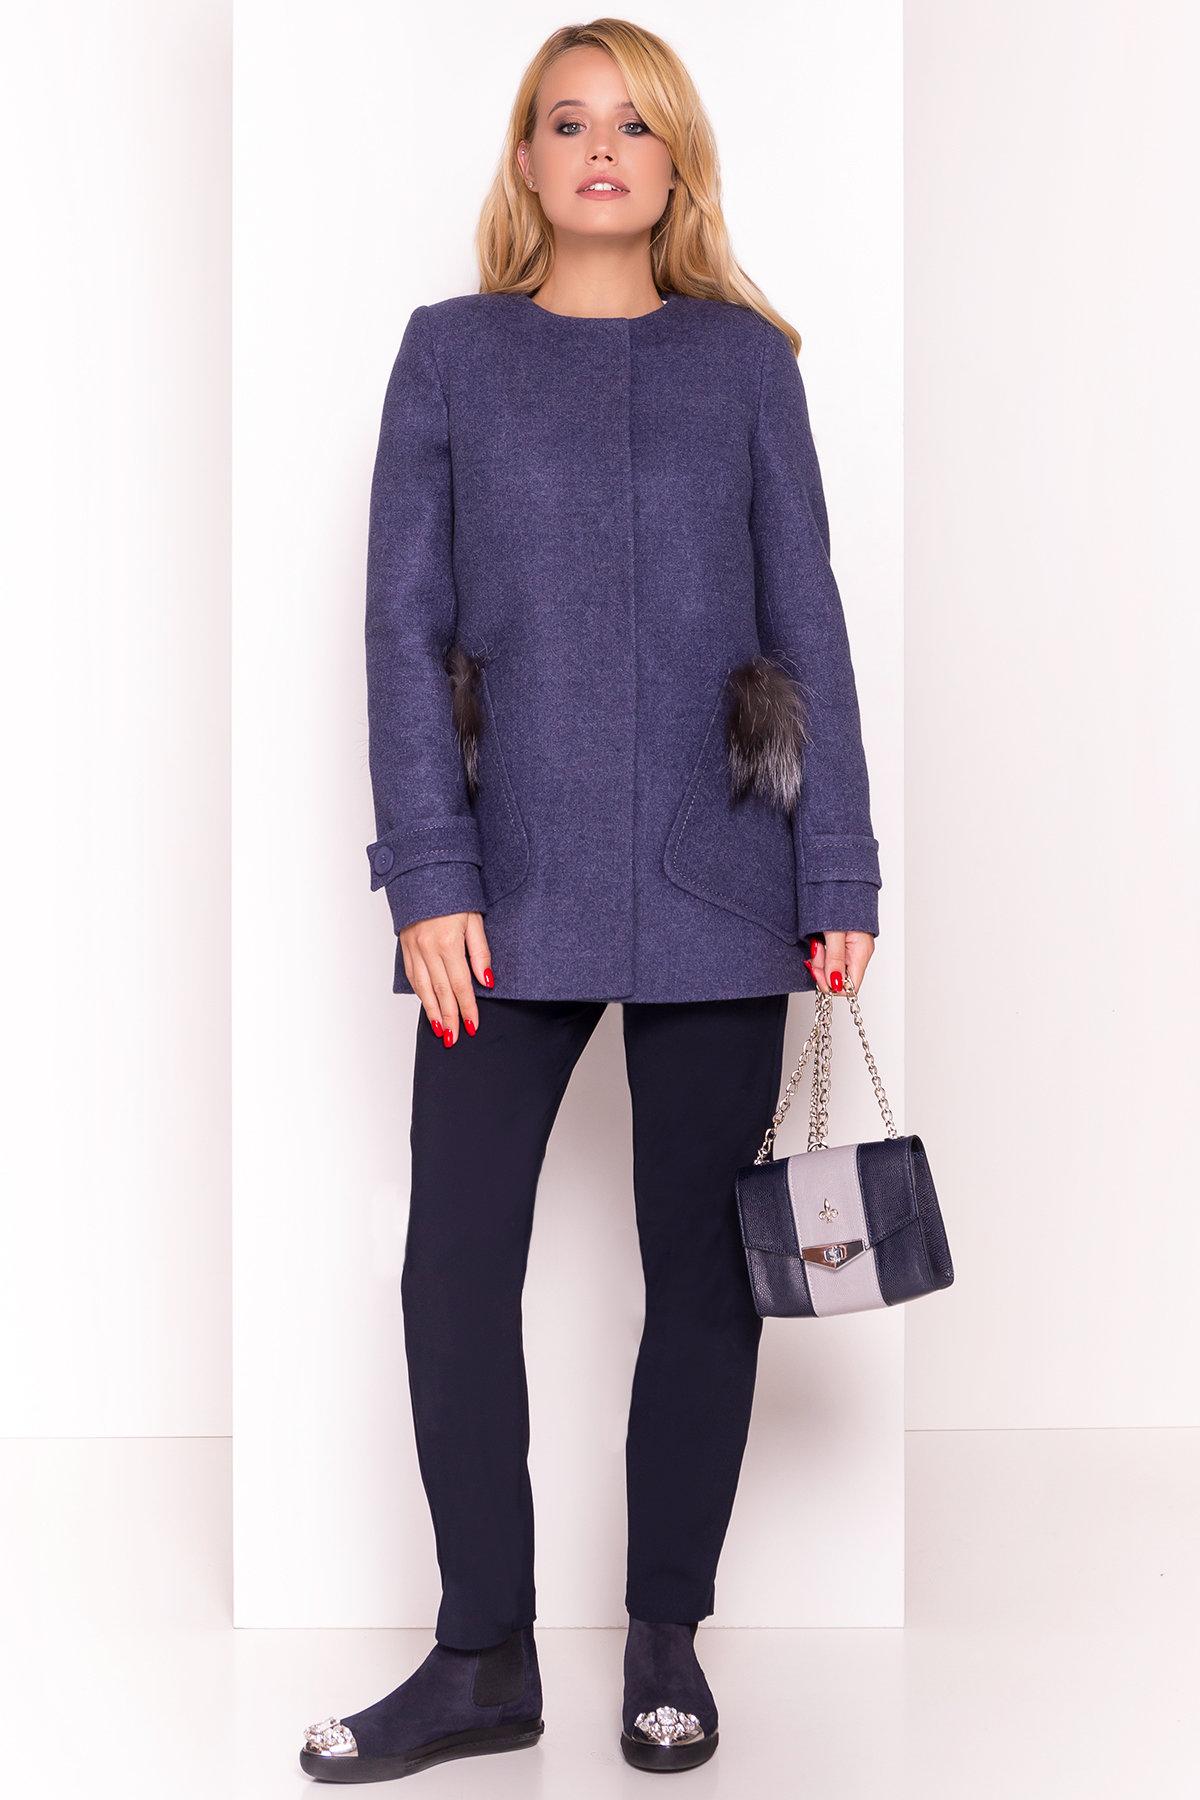 Женские пальто в интернет магазине TM Modus Демисезонное пальто трапеция в расцветках Латте 5429